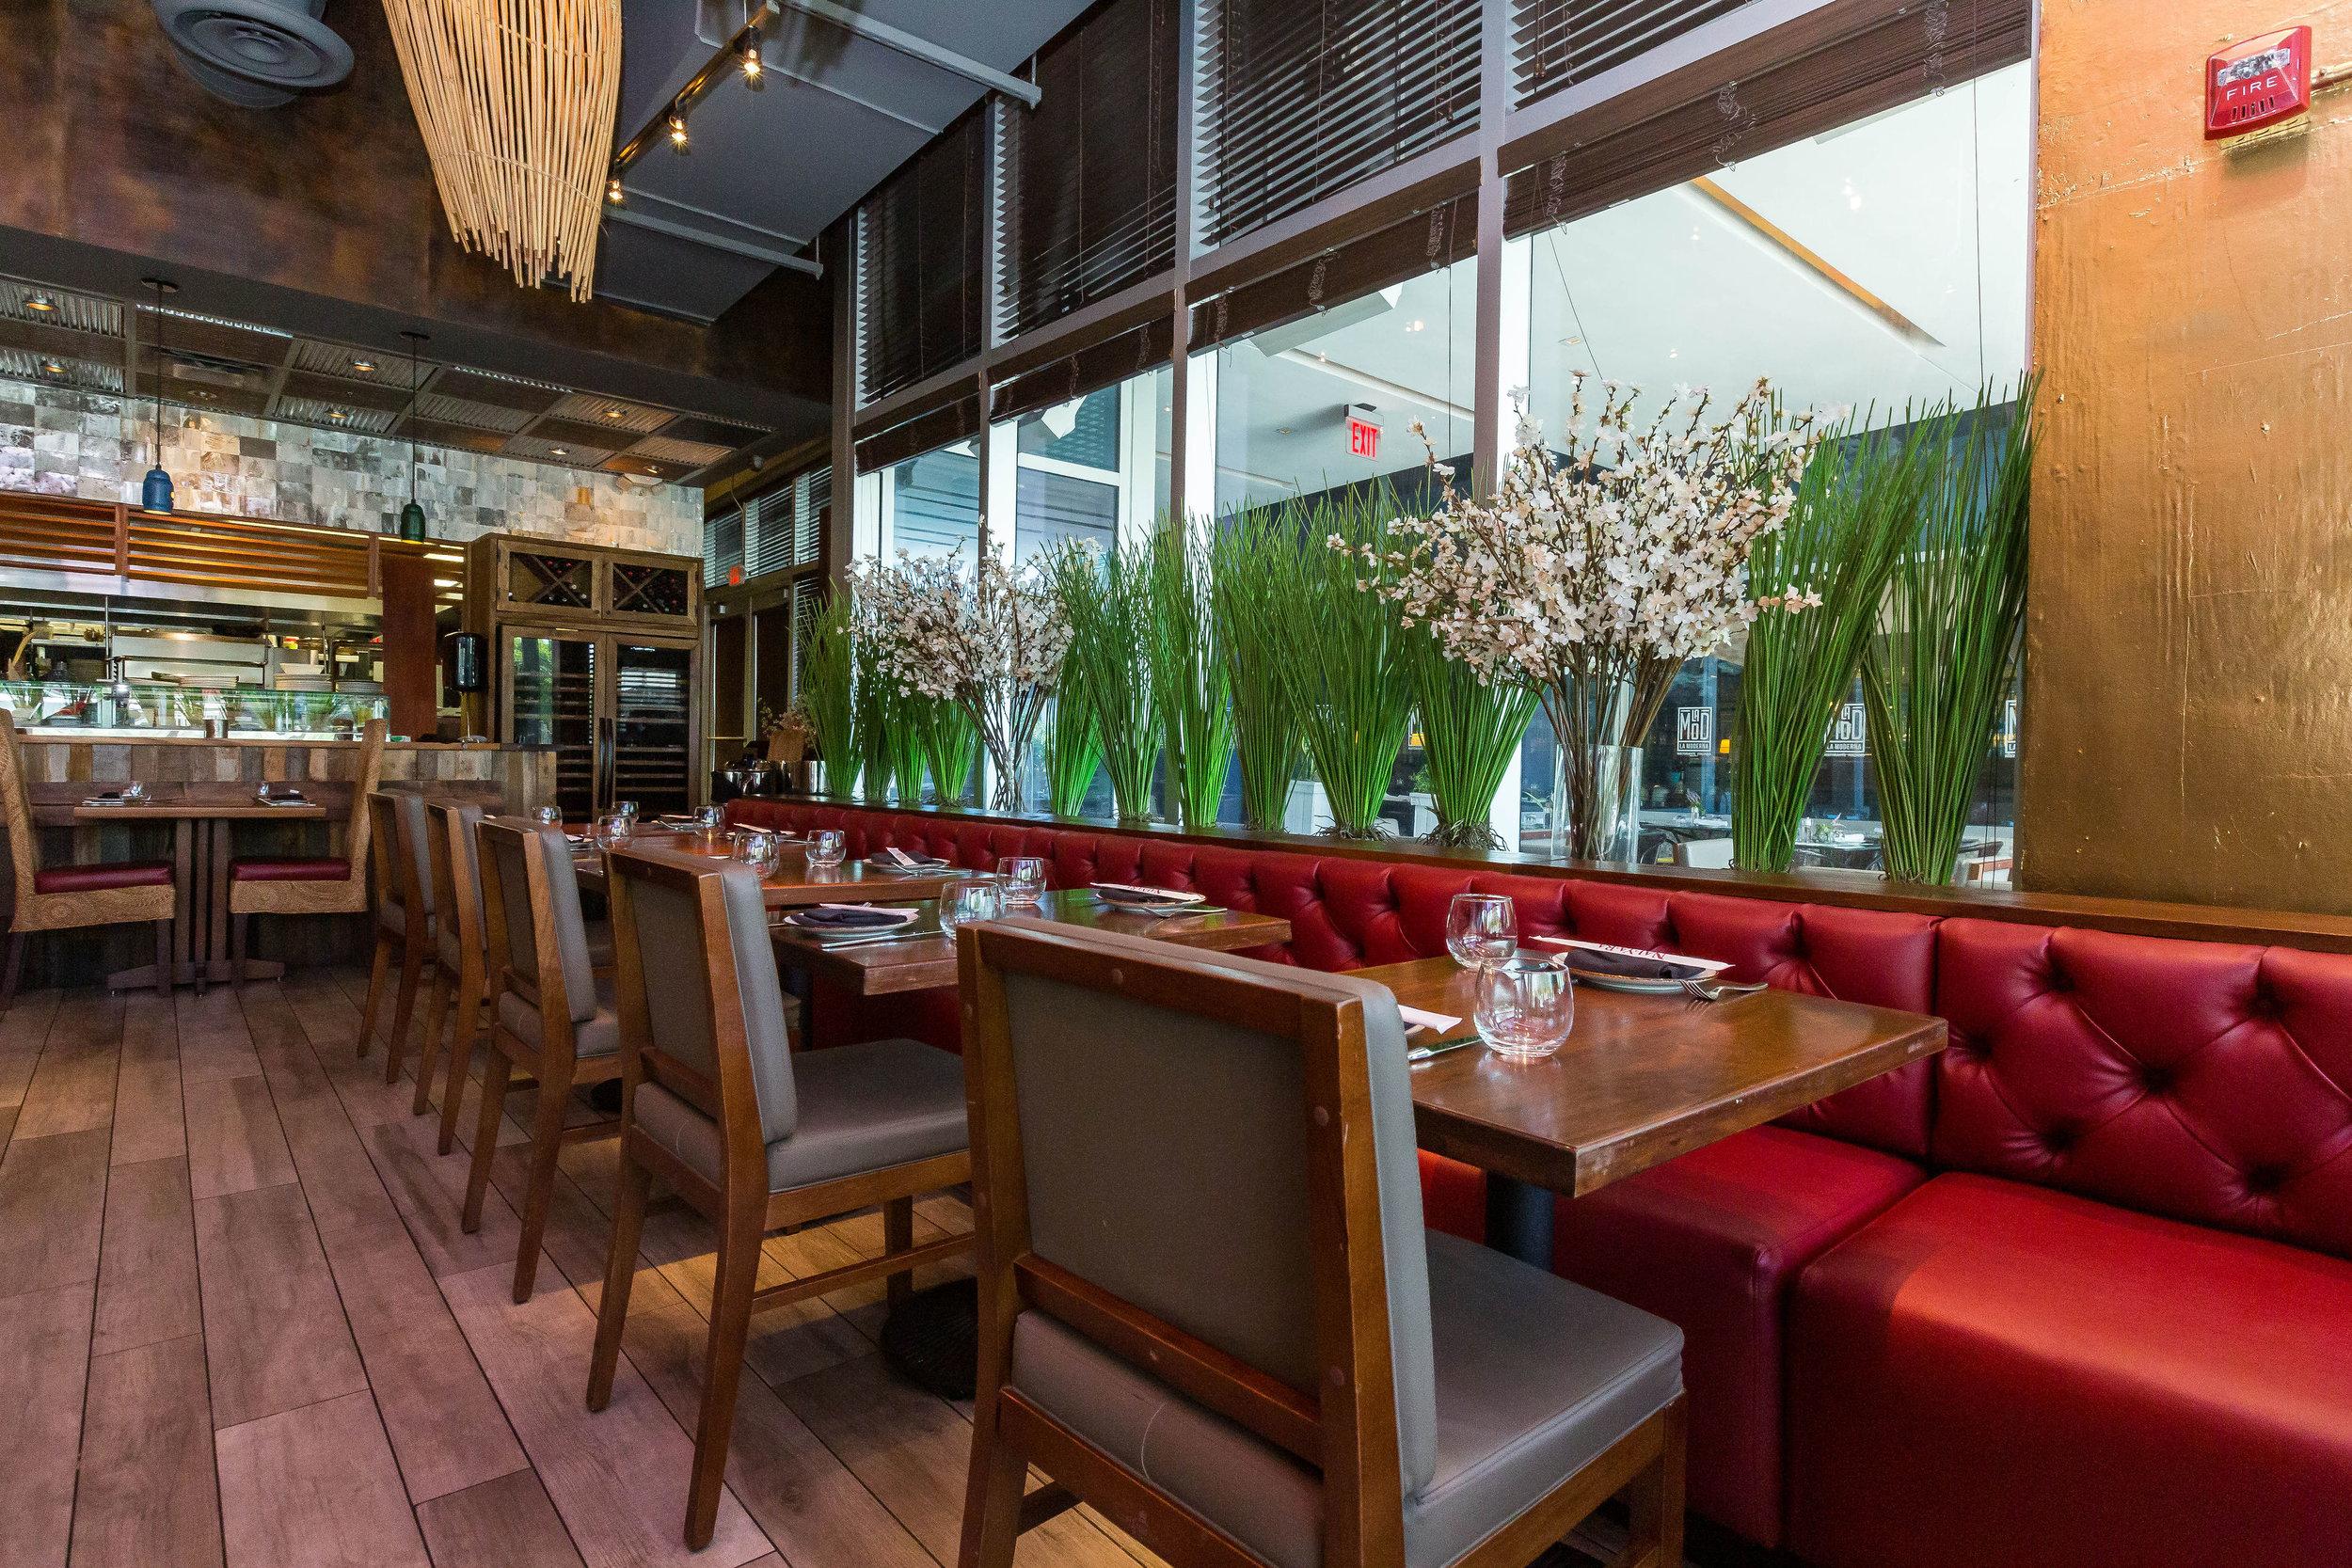 upholstery-design-restaurant.jpg